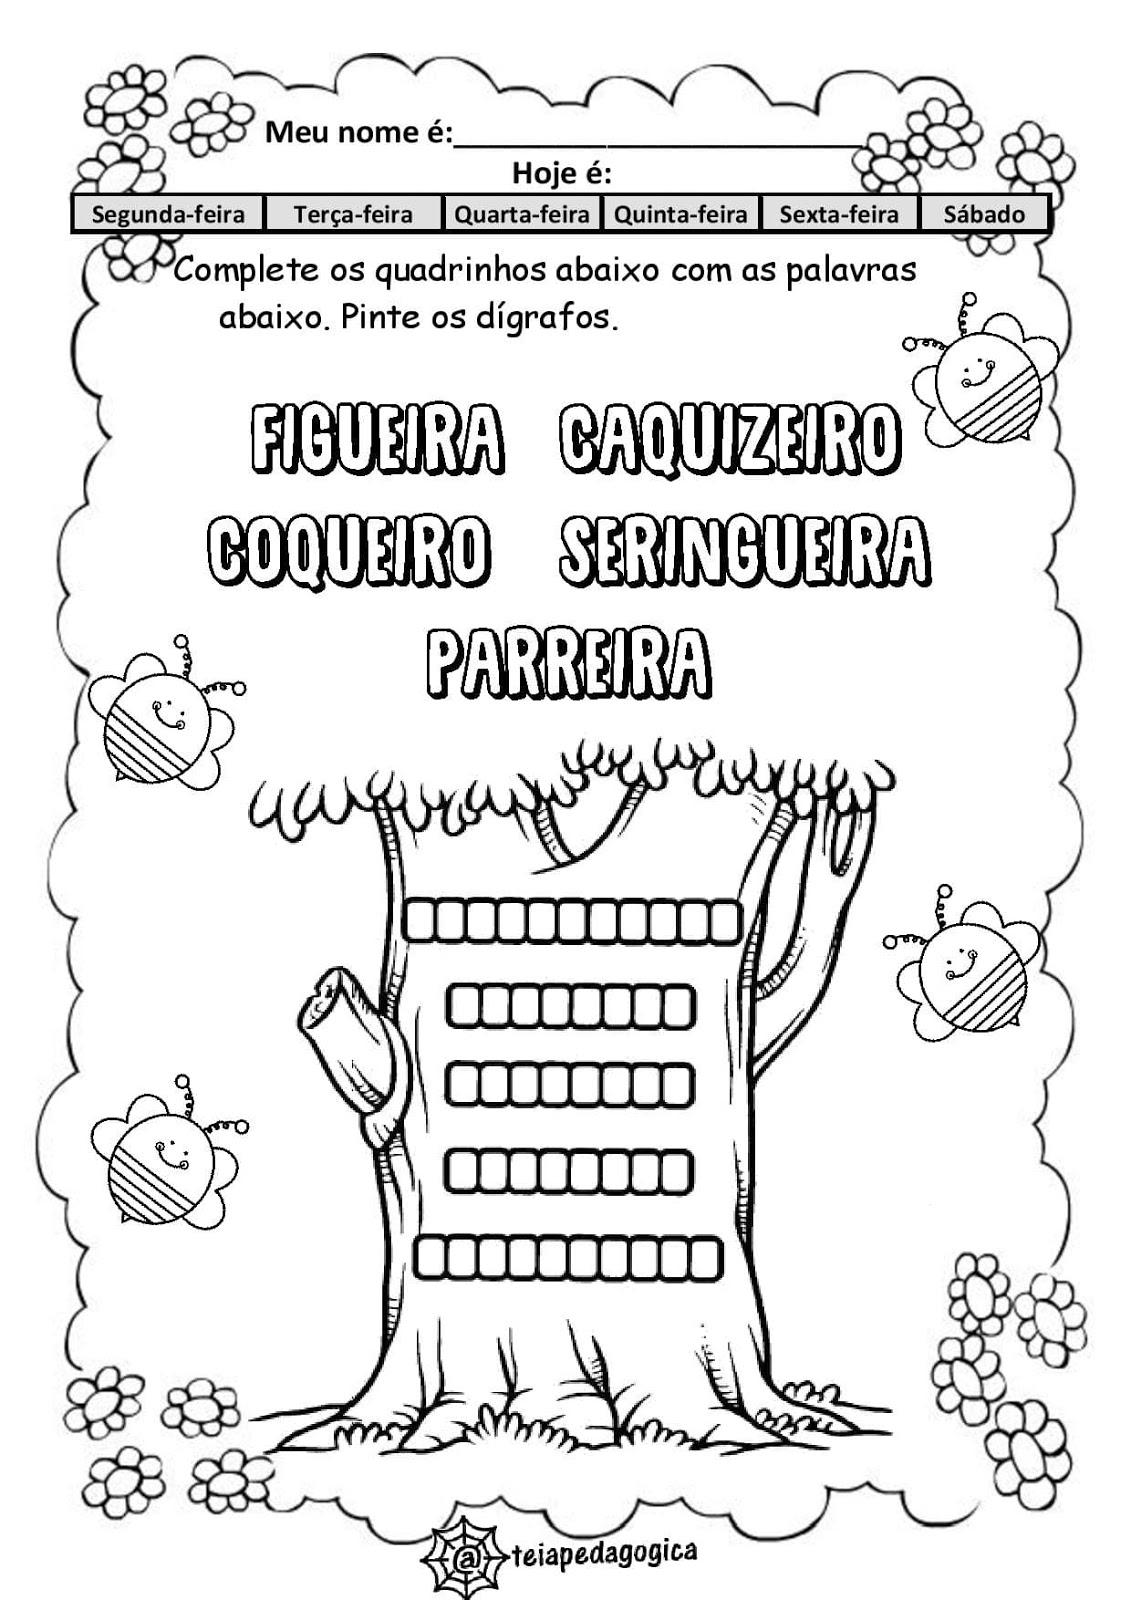 Caderno%2BMeio%2Bambiente%2BA%2BARVORE%2BGENEROSA-page-012-min Sequência de atividades  árvores